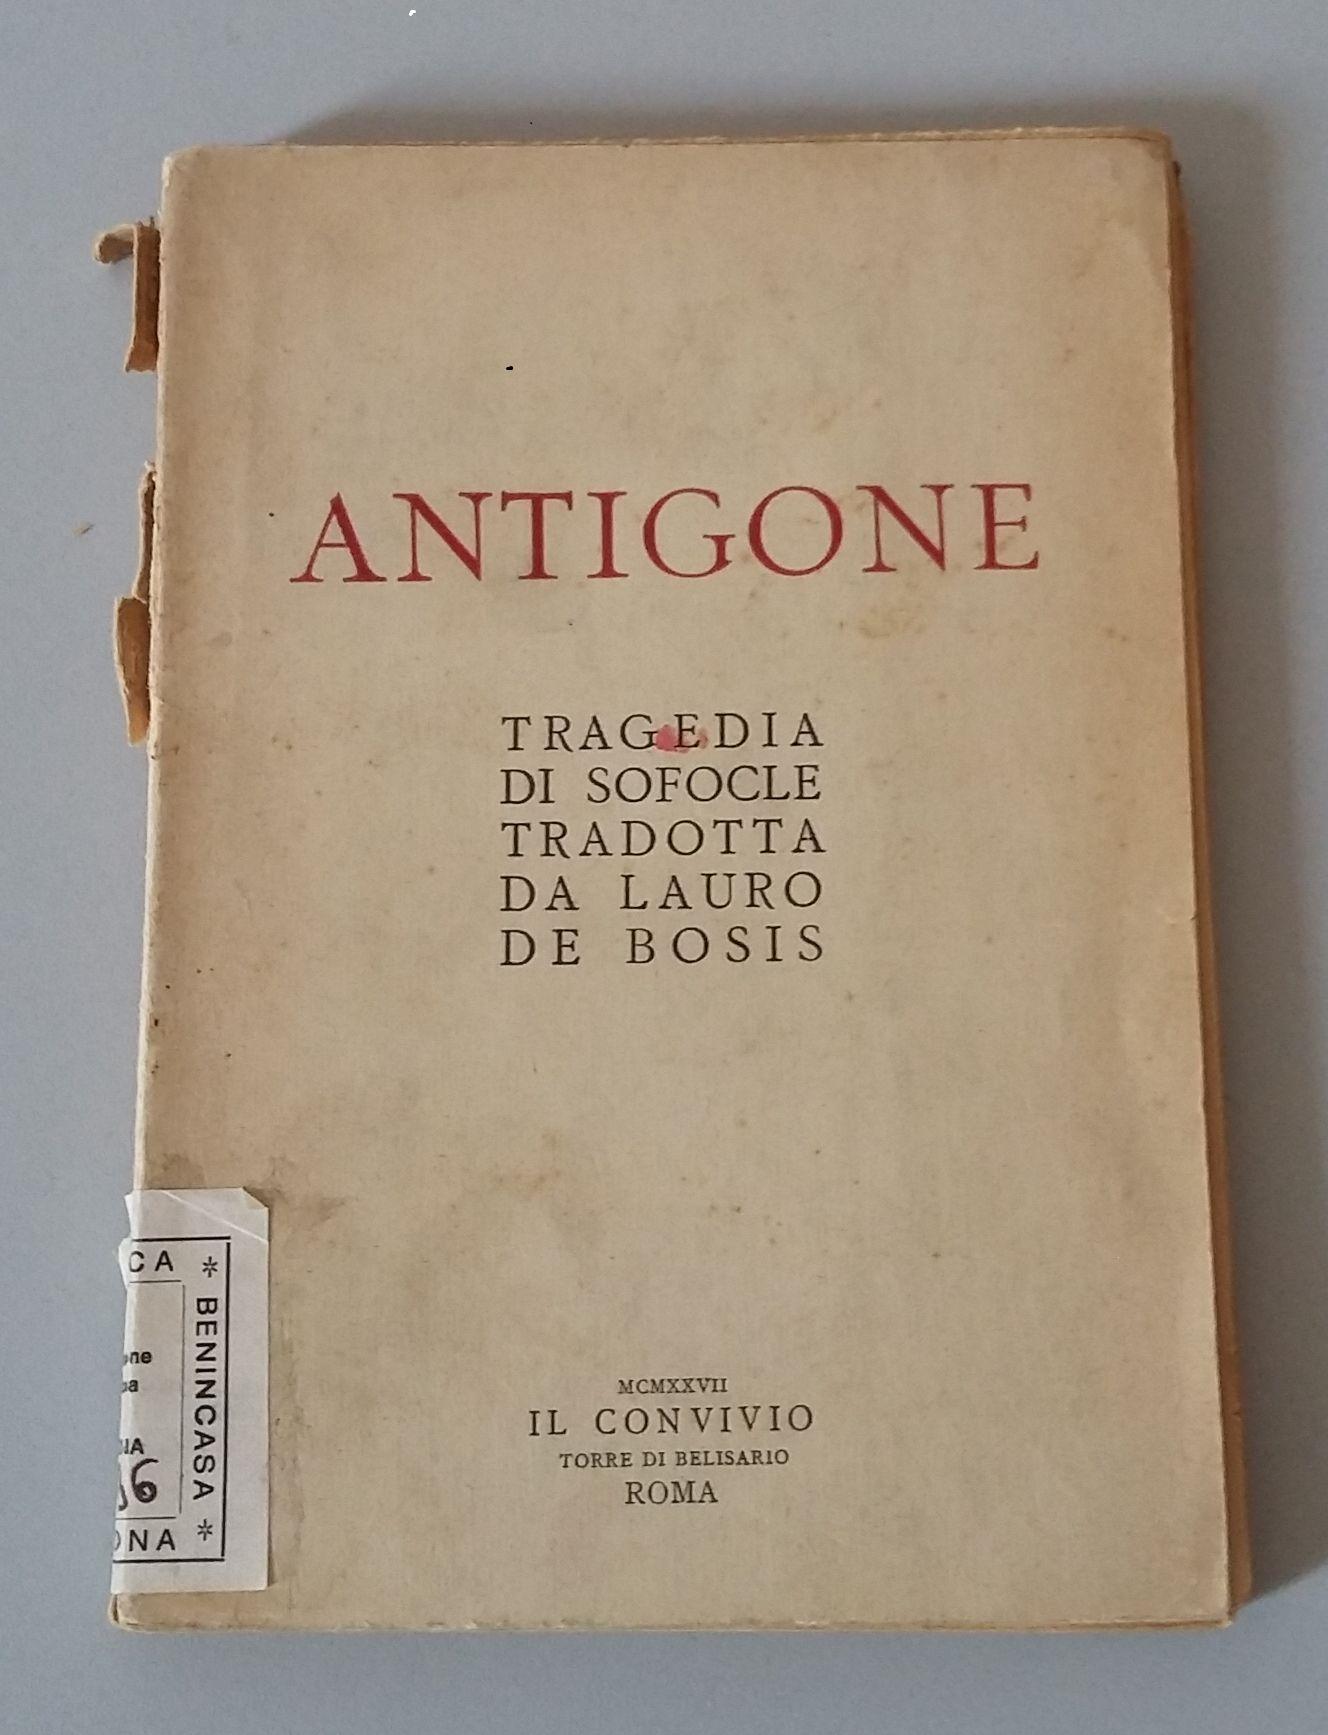 DAL FONDO MODENA DELLA BIBLIOTECA BENINCASA Antigone   :   tragedia   /   di   Sofocle   ;   tradotta   da   Lauro   De   Bosis.   - Roma : Il convivio, 1927.  MOD. 1096